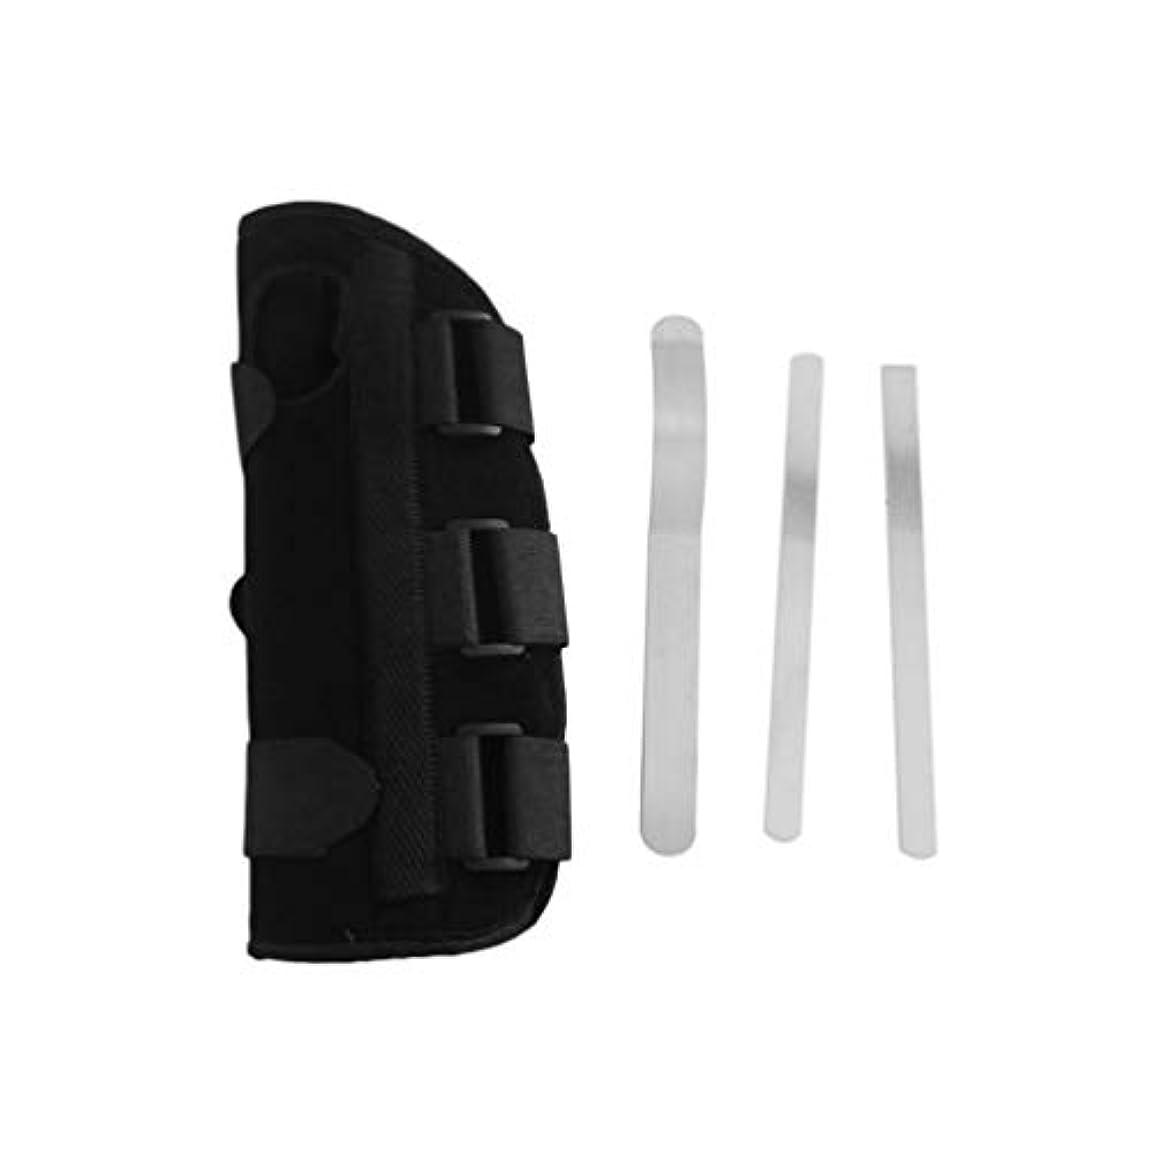 コーン病気エスカレーター手首副木ブレース保護サポートストラップカルペルトンネルCTS RSI痛み軽減リムーバブル副木快適な軽量ストラップ - ブラックM